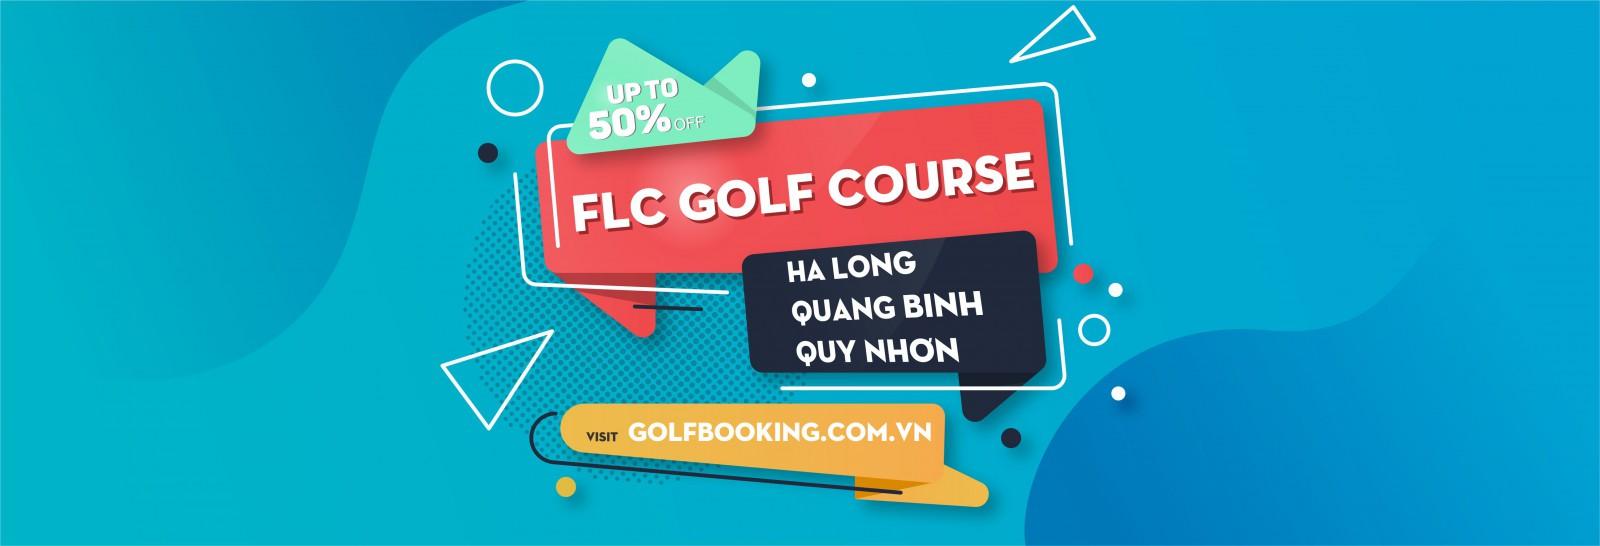 FLC GOLF COURSE PROMOTION